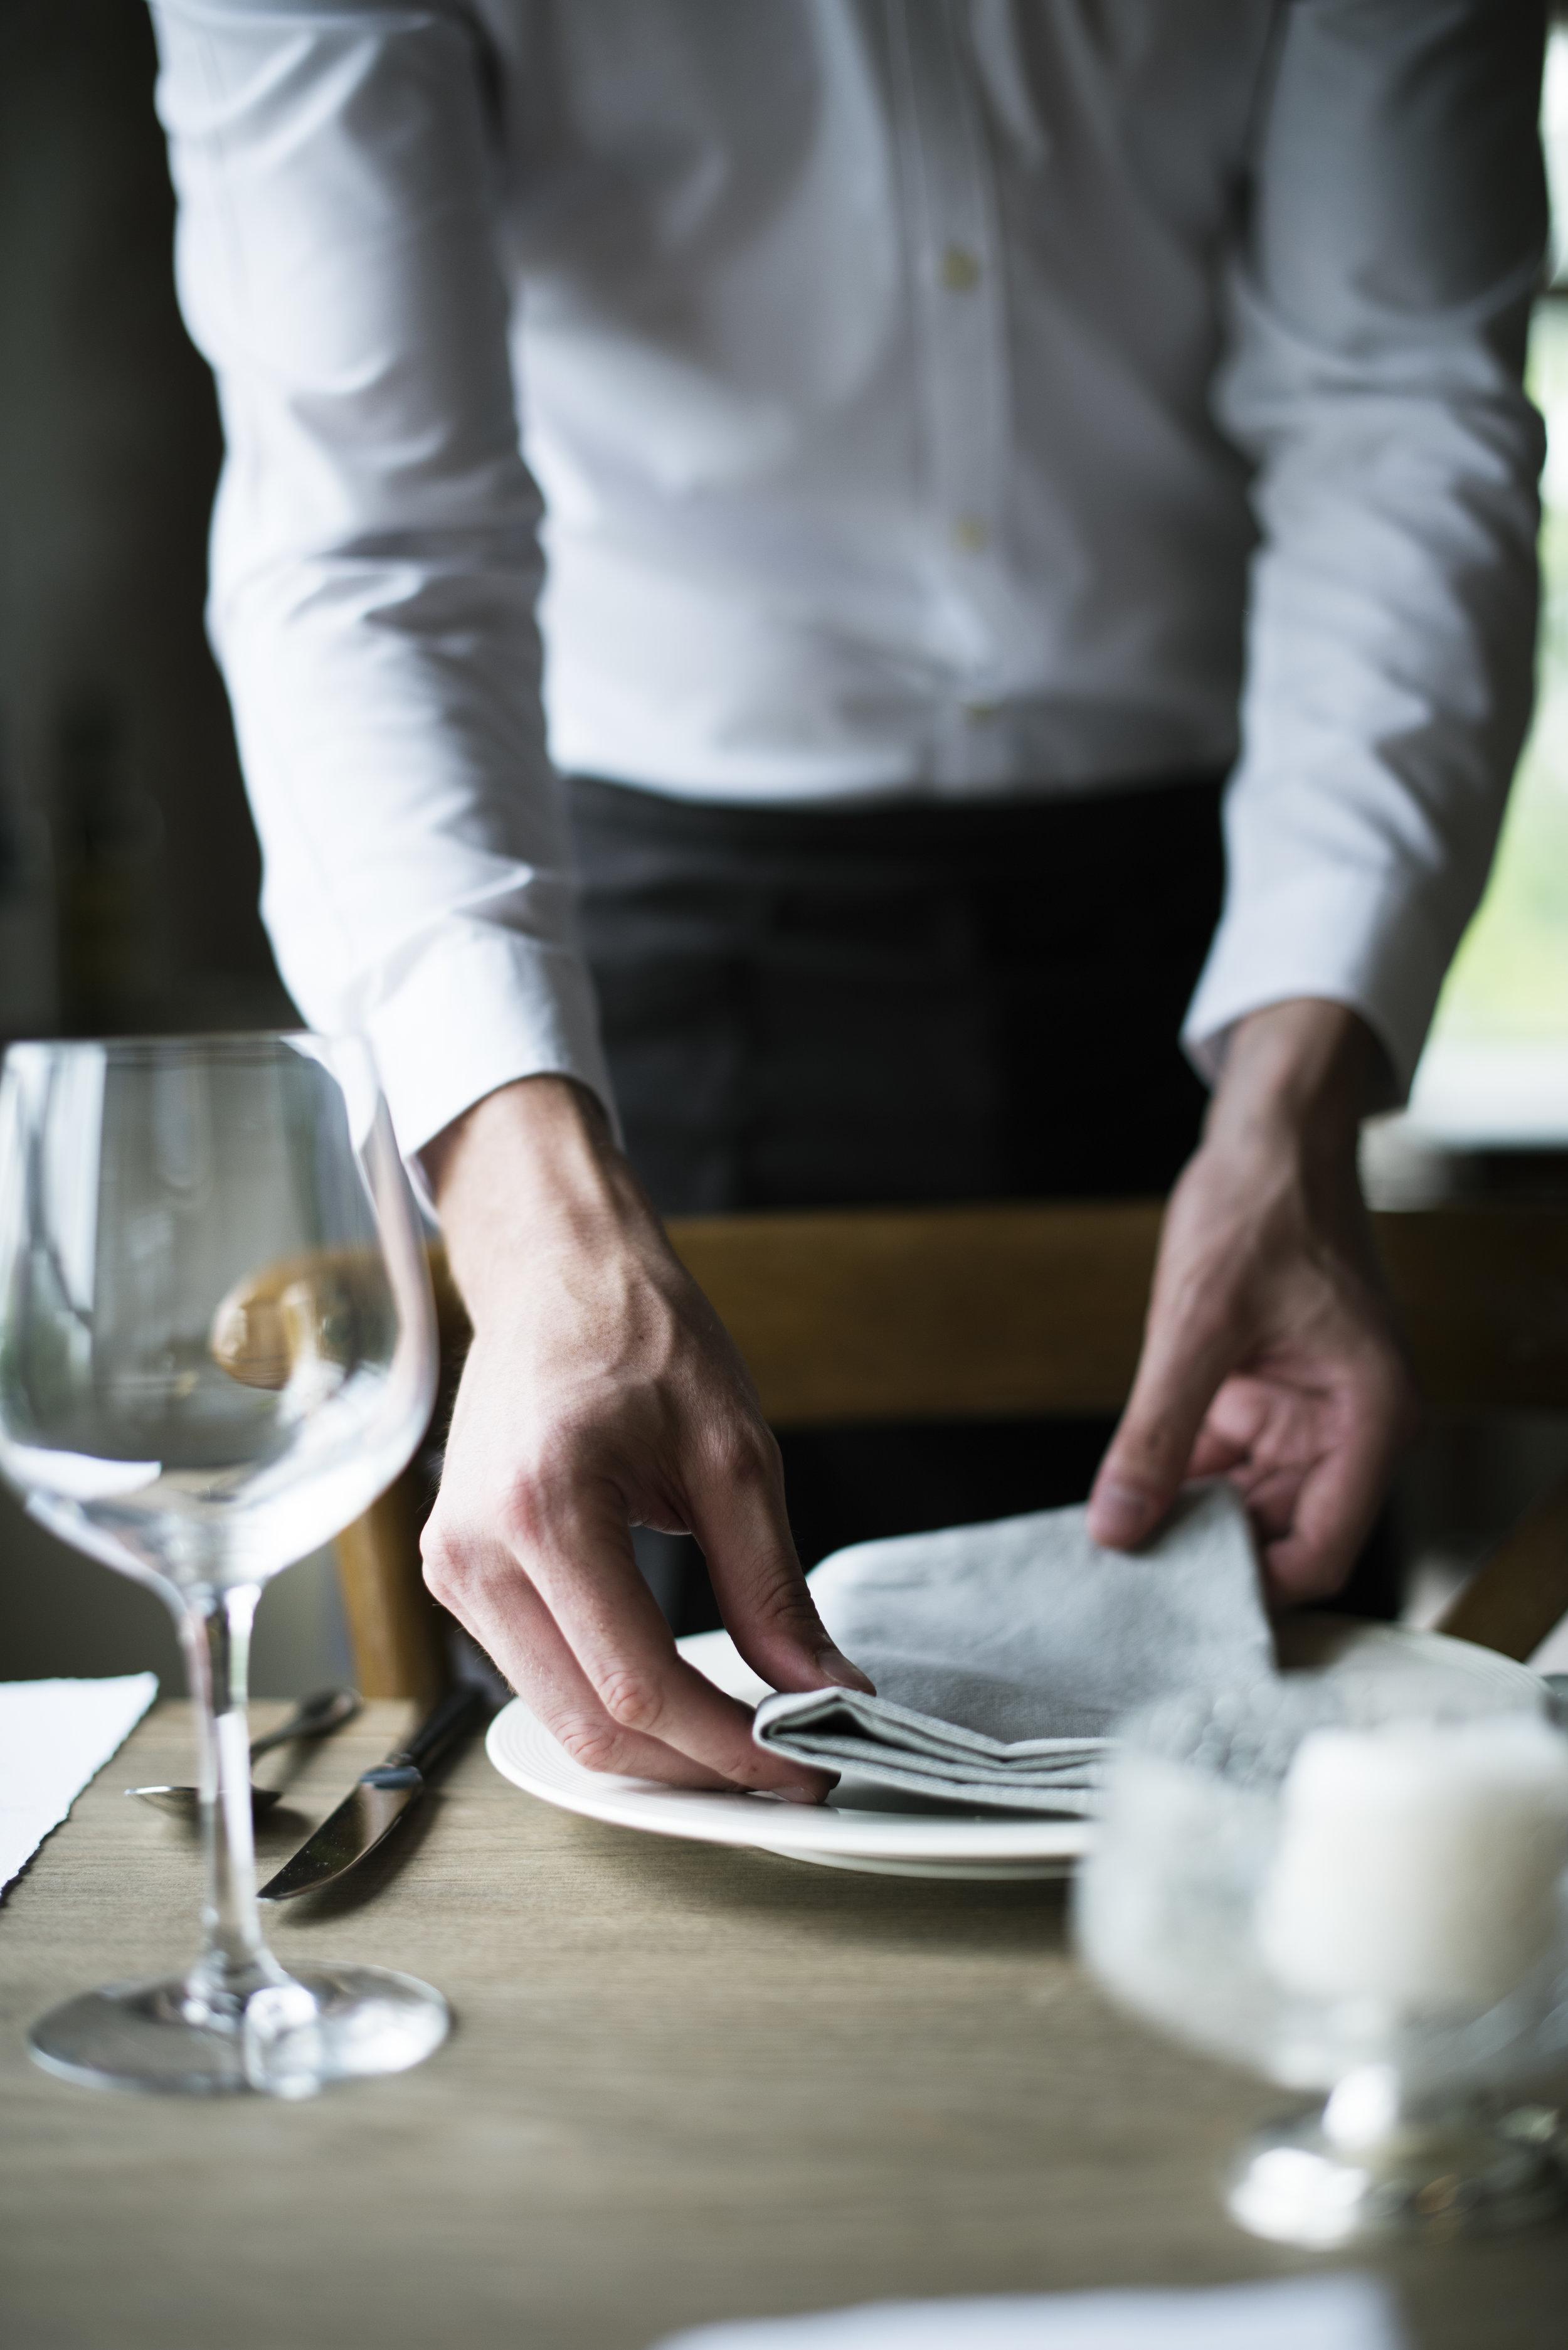 restaurant-staff-setting-table-in-restaurant-for-PJAKTJR.jpg